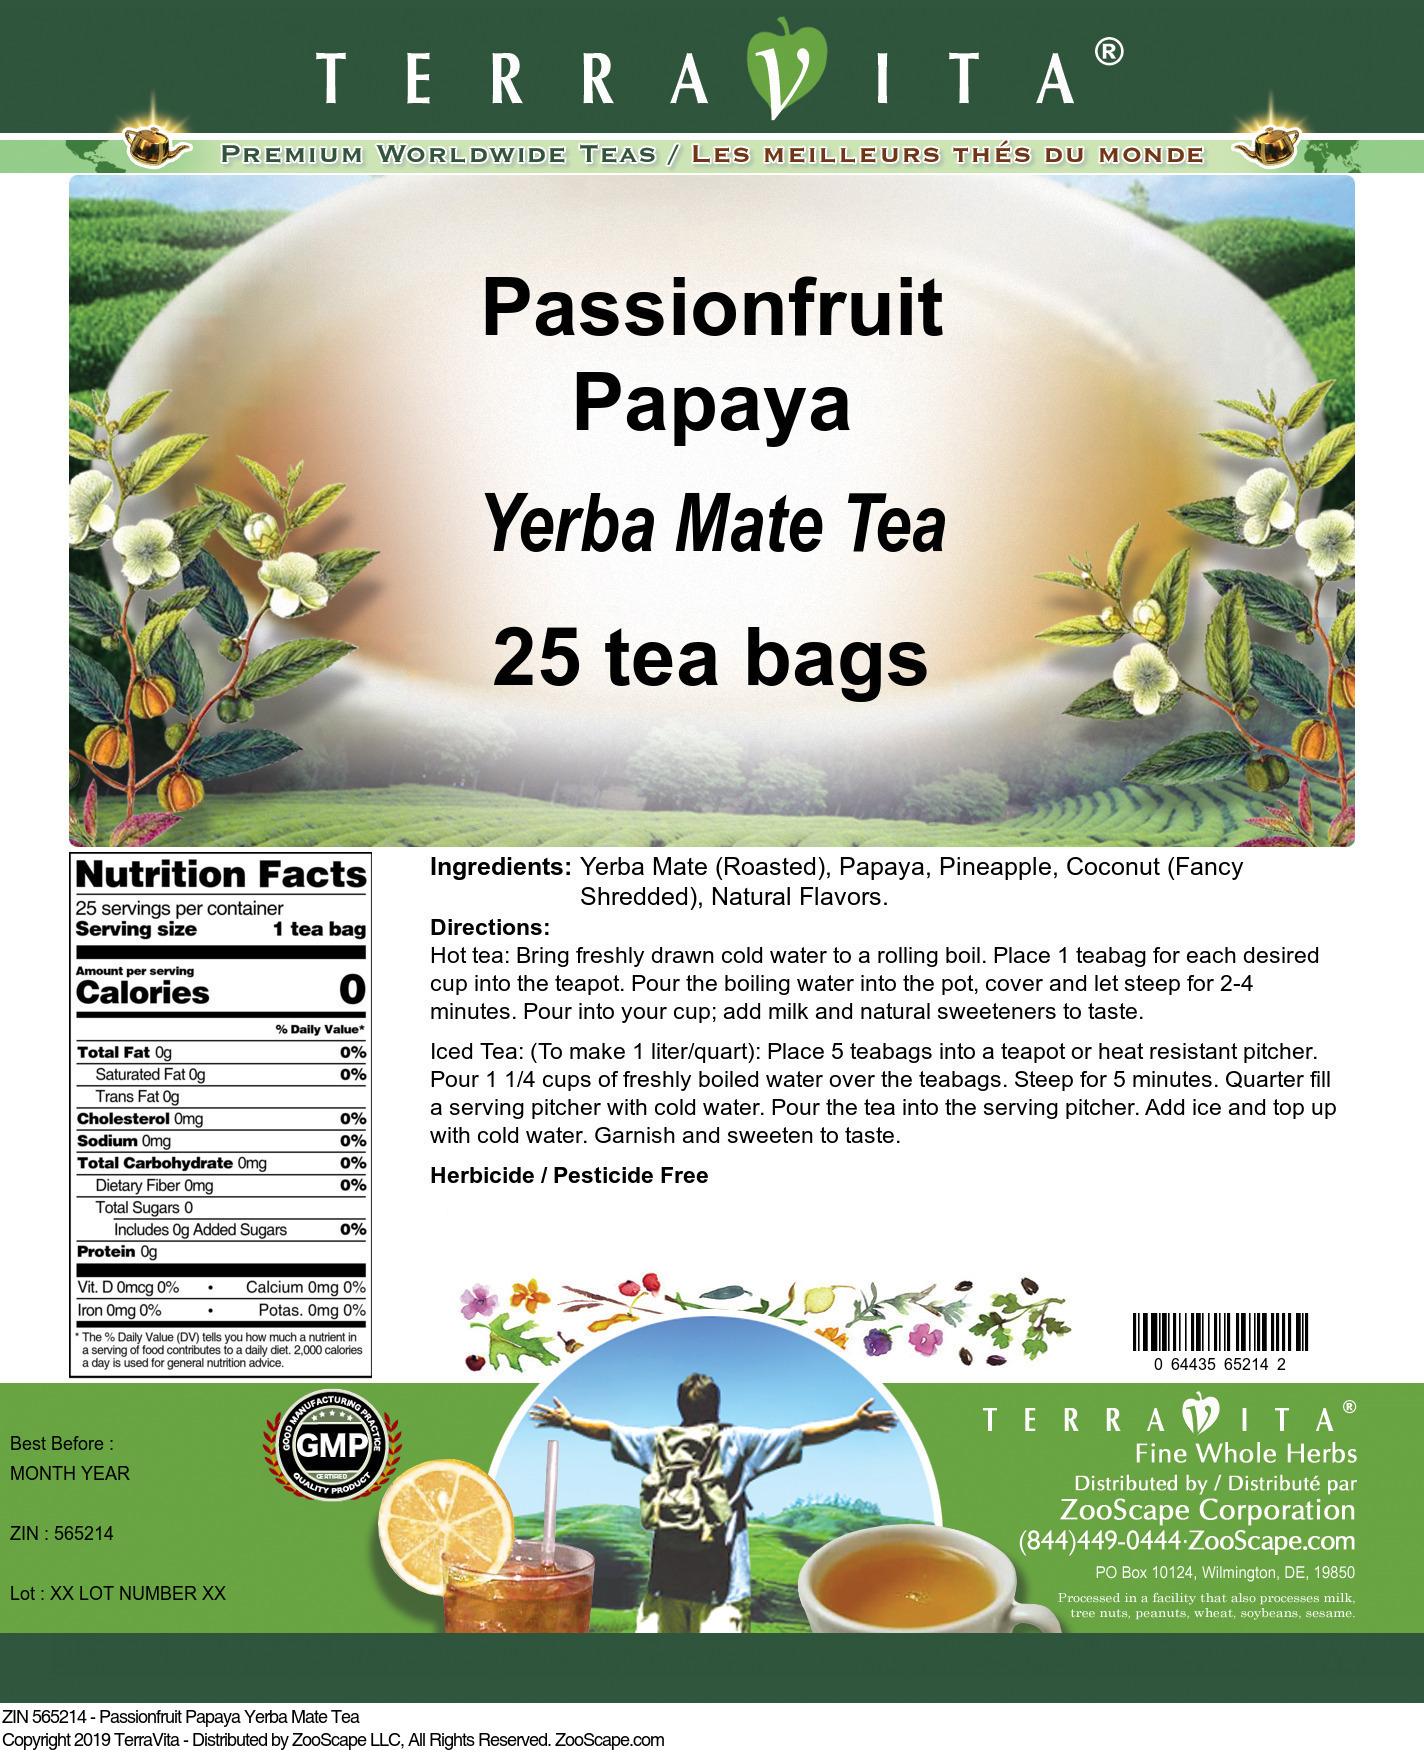 Passionfruit Papaya Yerba Mate